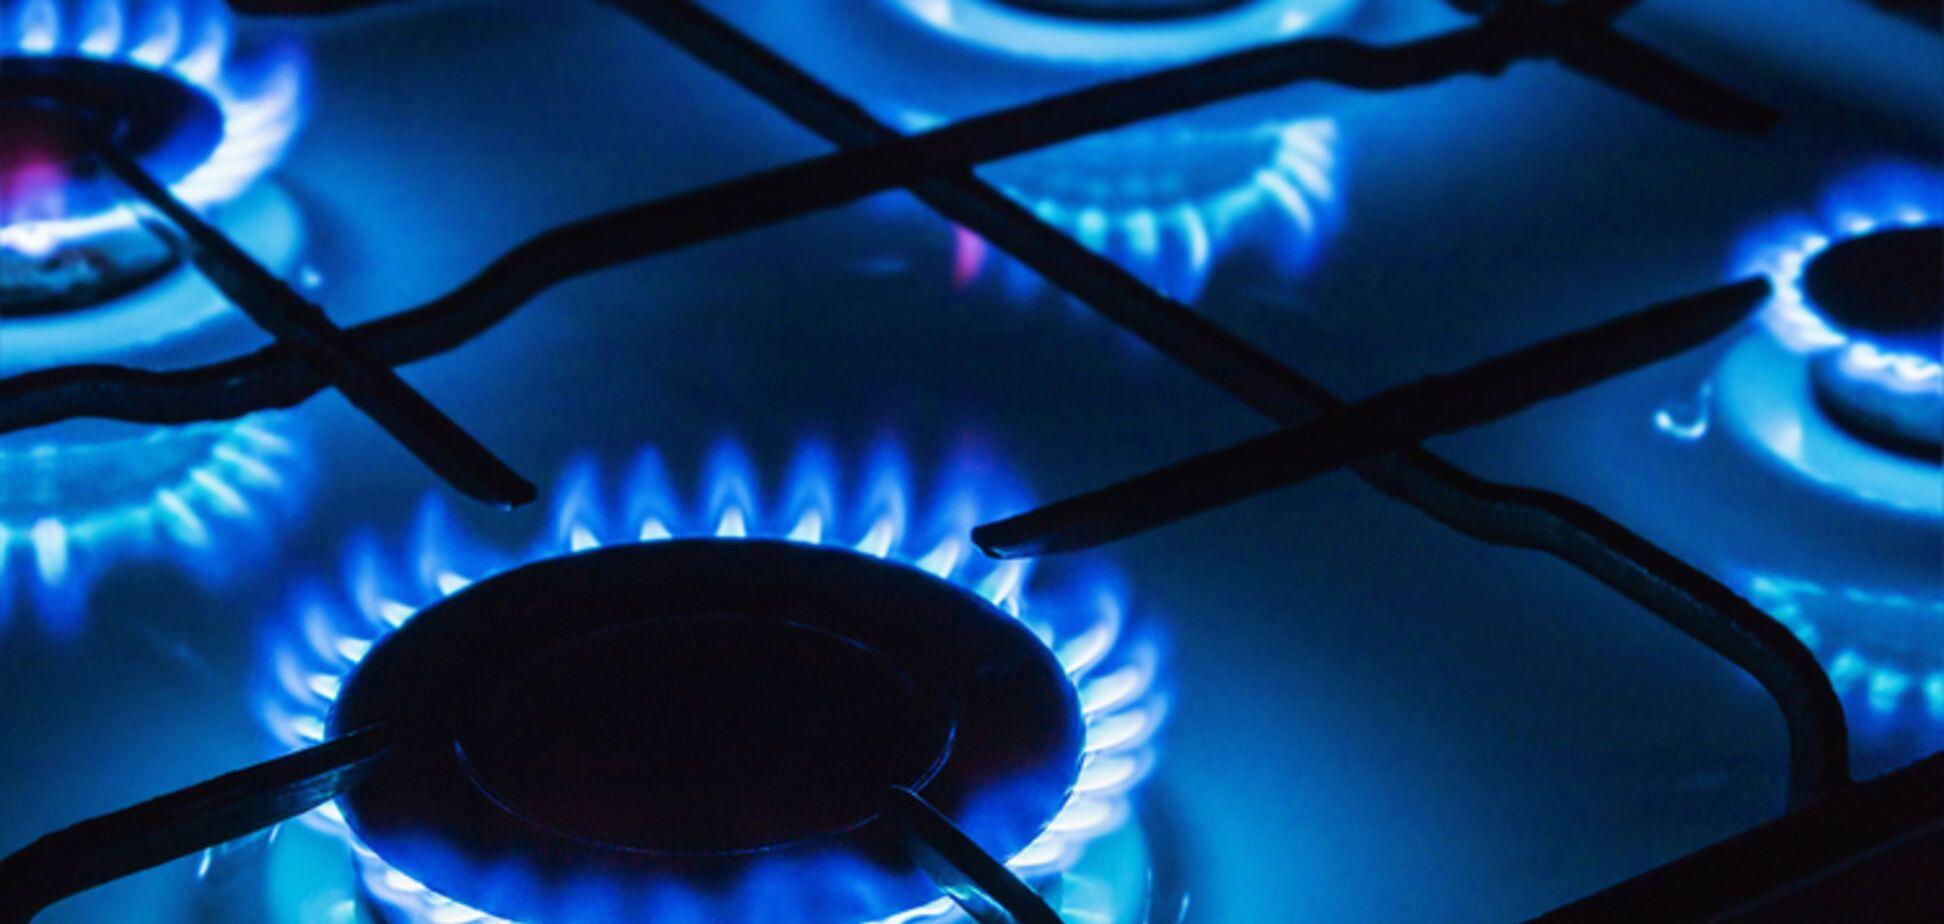 После запуска розничного рынка газа принцип ценообразования 'Хаб + доставка' сохранится, – Тернопольоблгаз